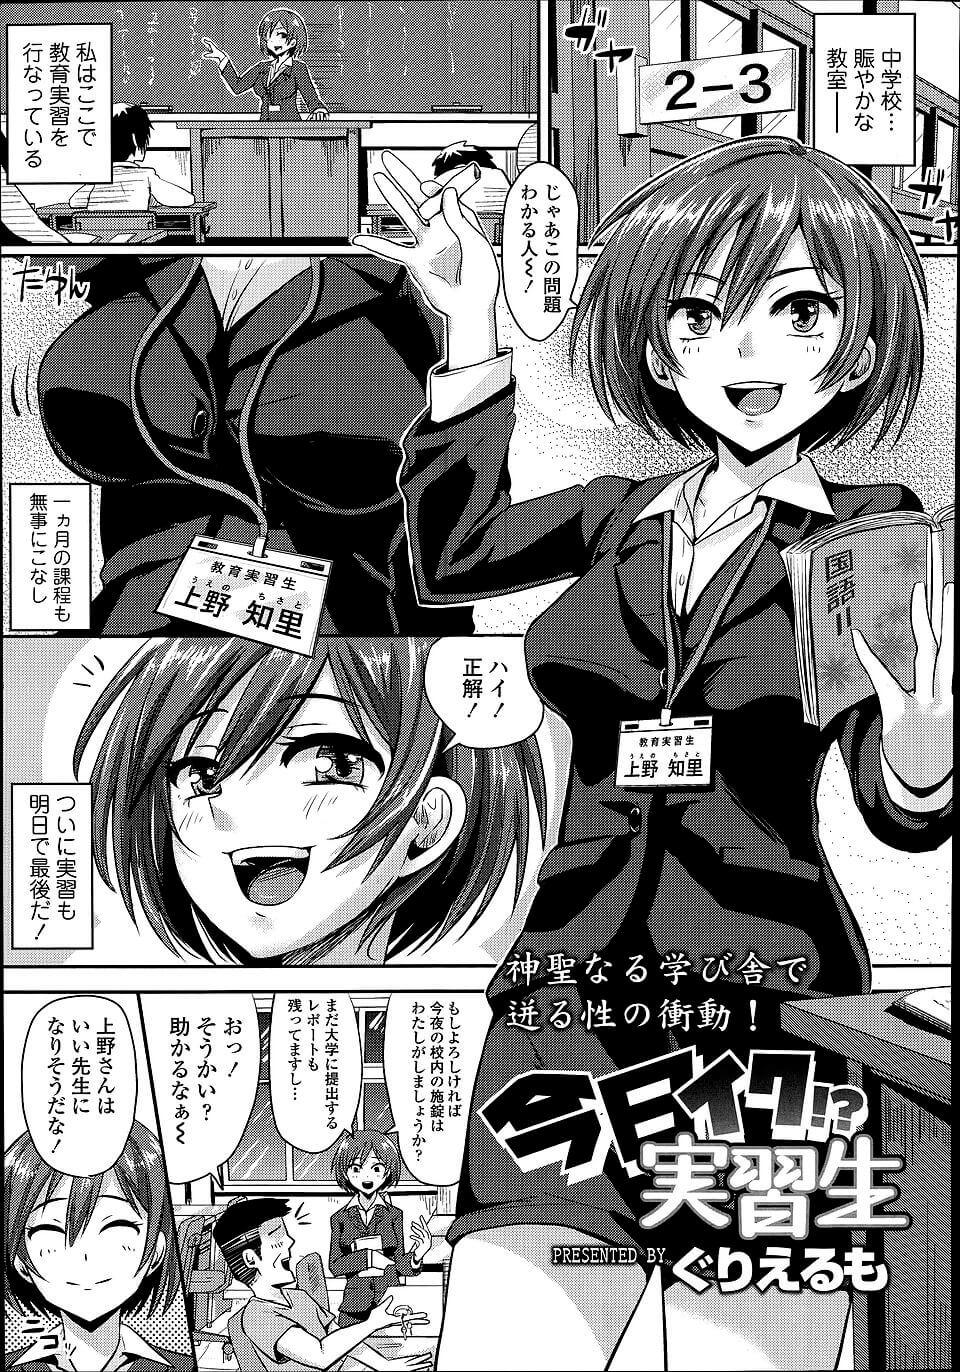 【エロ漫画】女教師の知里は遅くまで残ってる生徒を帰らせると、校内を全裸で露出する痴女だった。【無料 エロ同人】